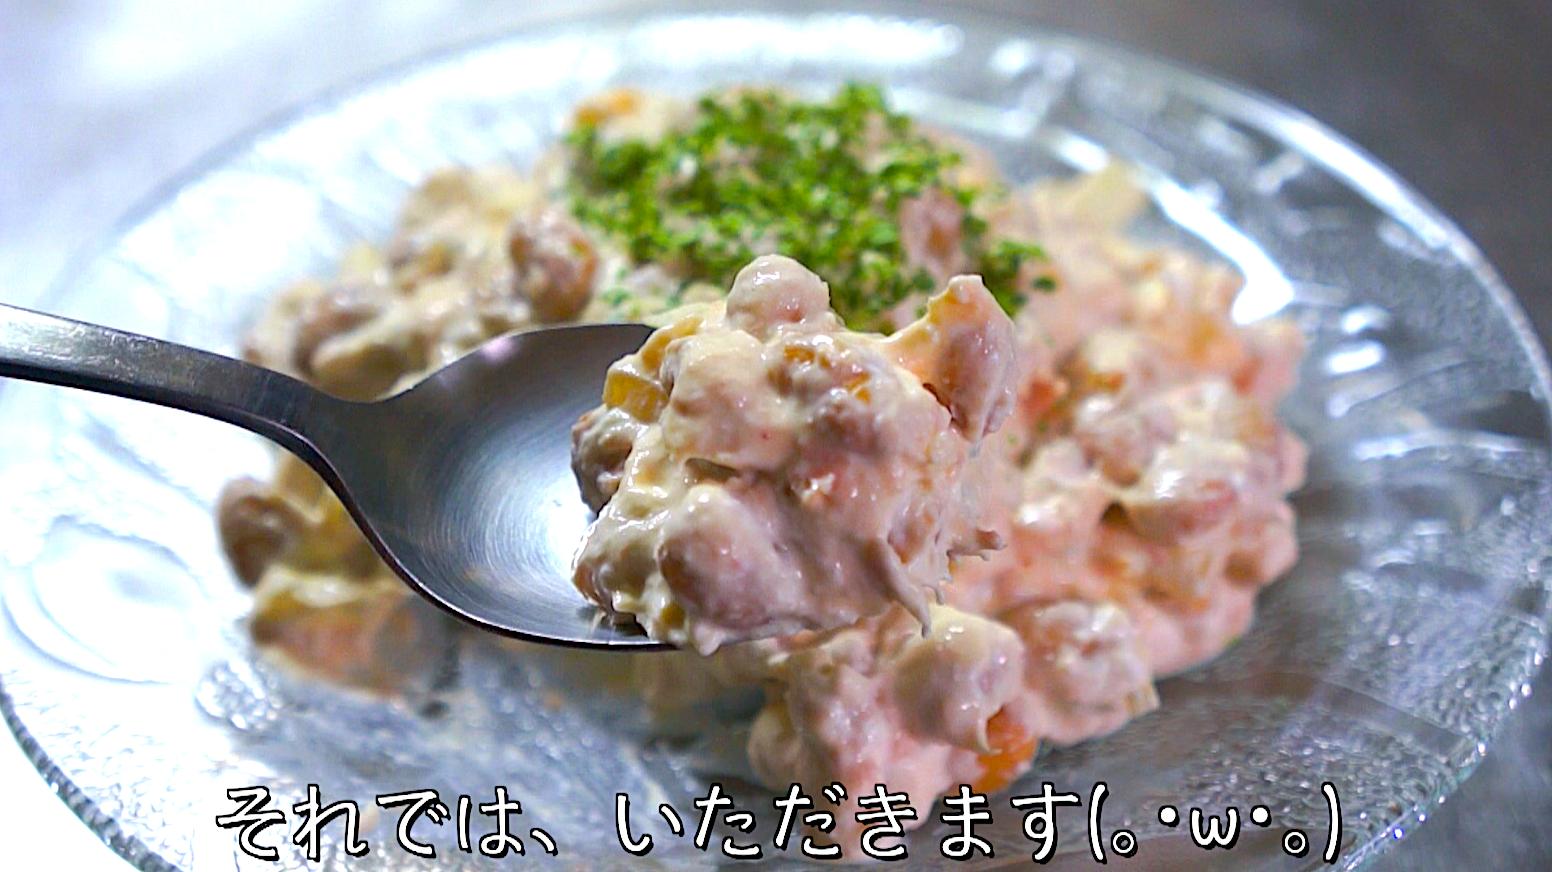 大豆 ツナ缶 レシピ 糖質制限